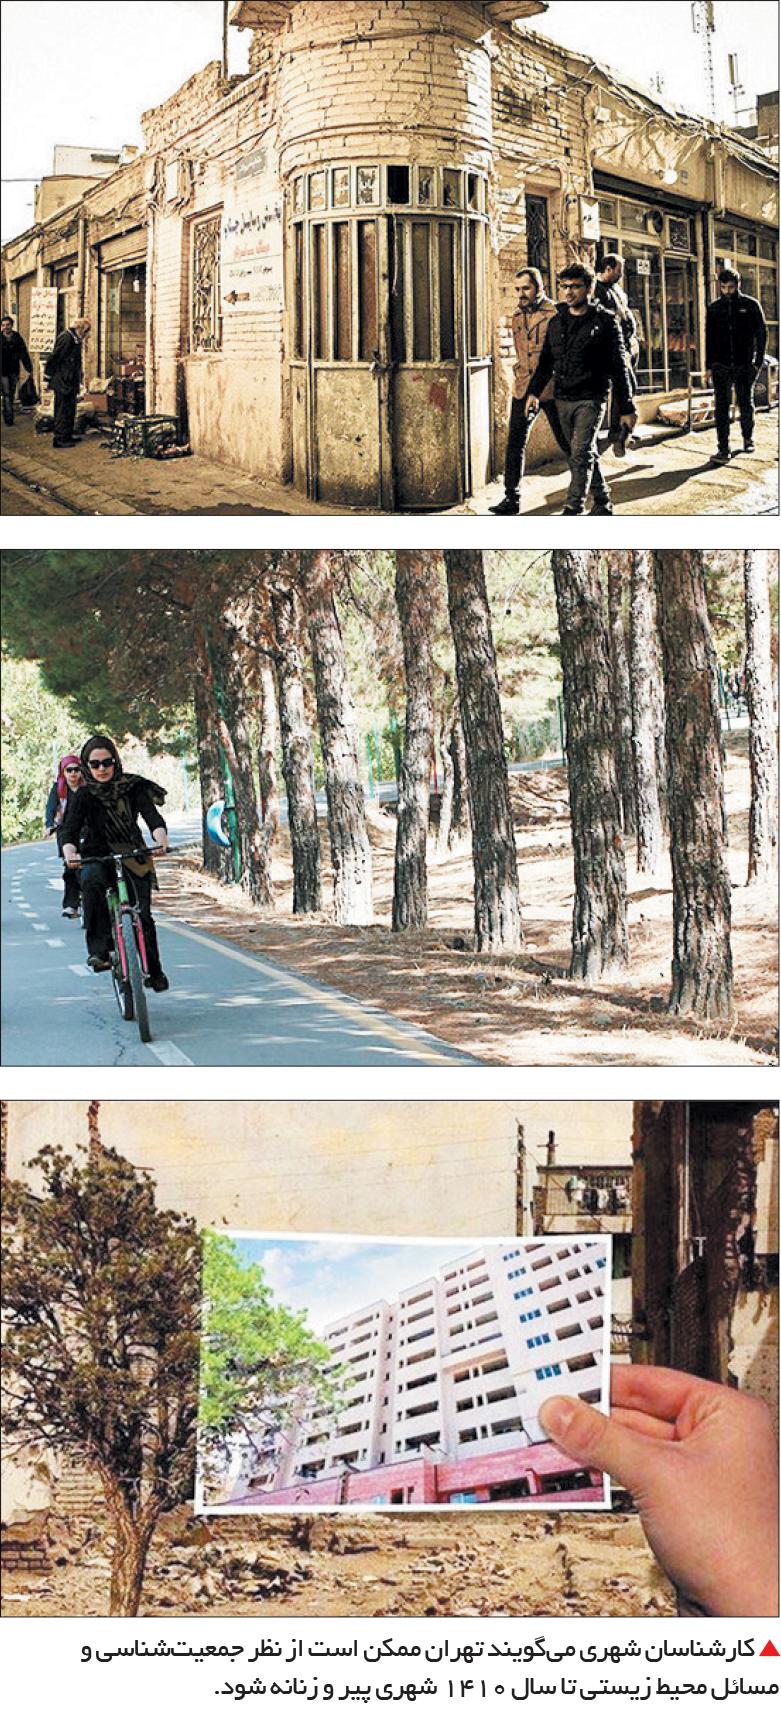 تجارت- فردا-  کارشناسان شهری میگویند تهران ممکن است از نظر جمعیتشناسی و مسائل محیط زیستی تا سال 1410 شهری پیر و زنانه شود.